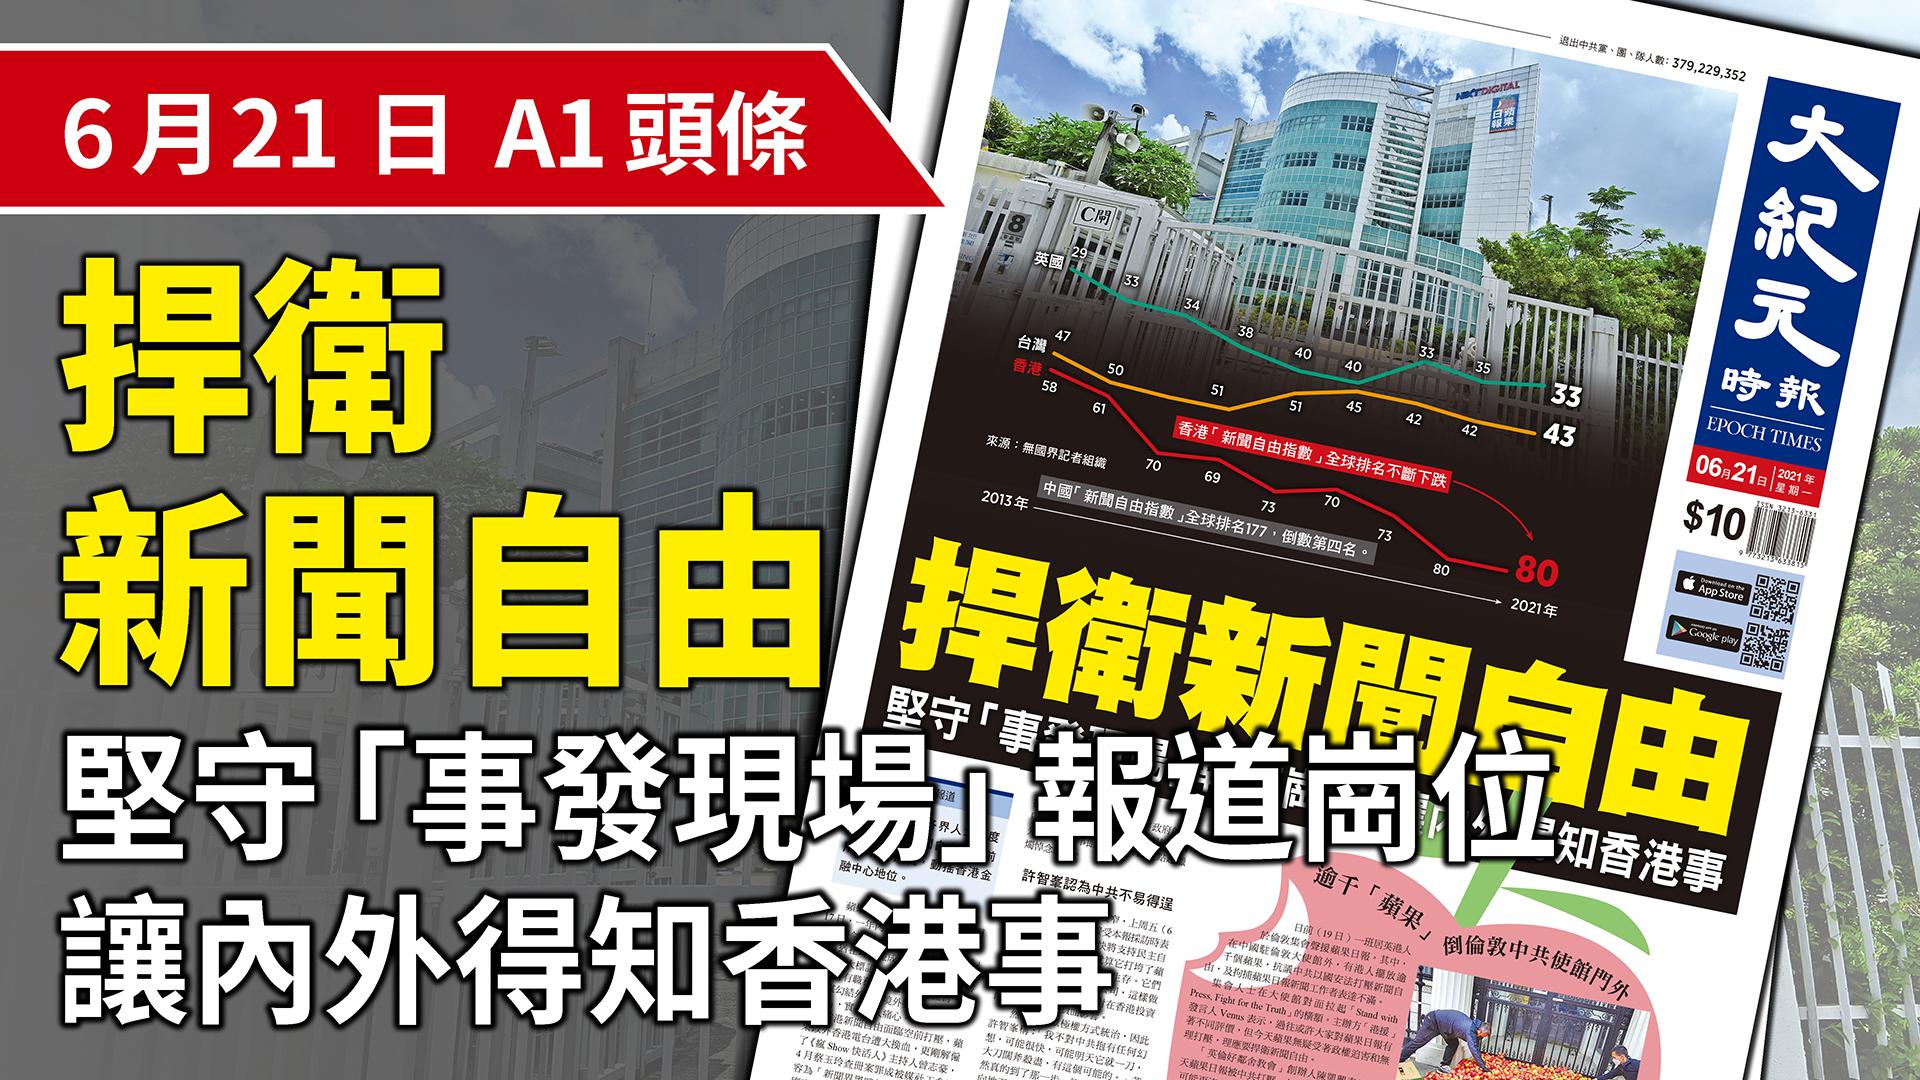 蘋果日報事件激發各界人士高度關注,香港新聞自由面臨前所未有的挑戰,動搖香港金融中心地位。(大紀元製圖)